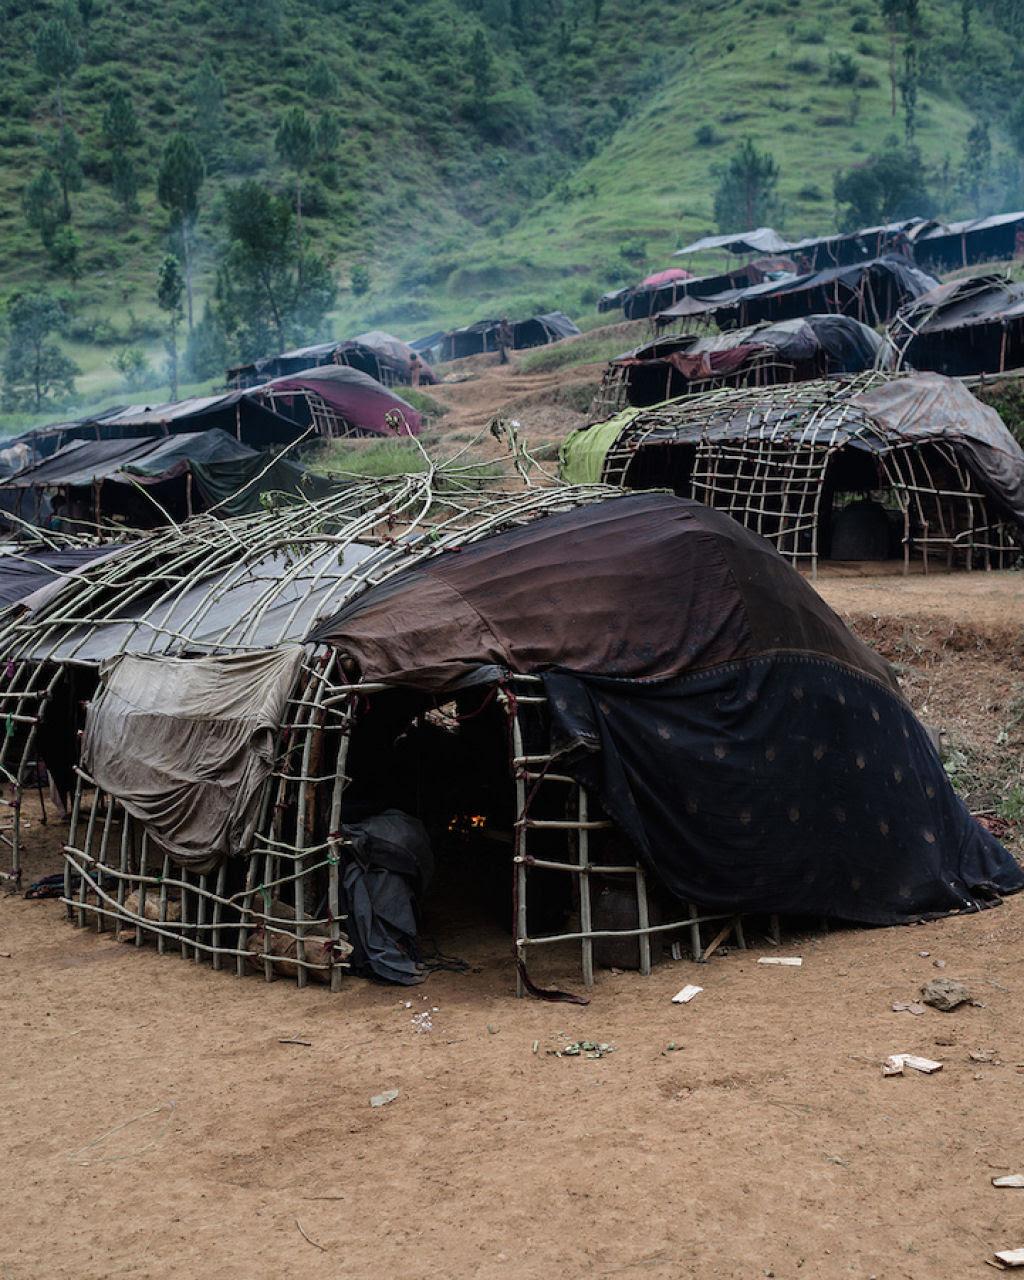 Fotógrafo documenta os últimos caçadores-coletores de tribo do Himalaia 12